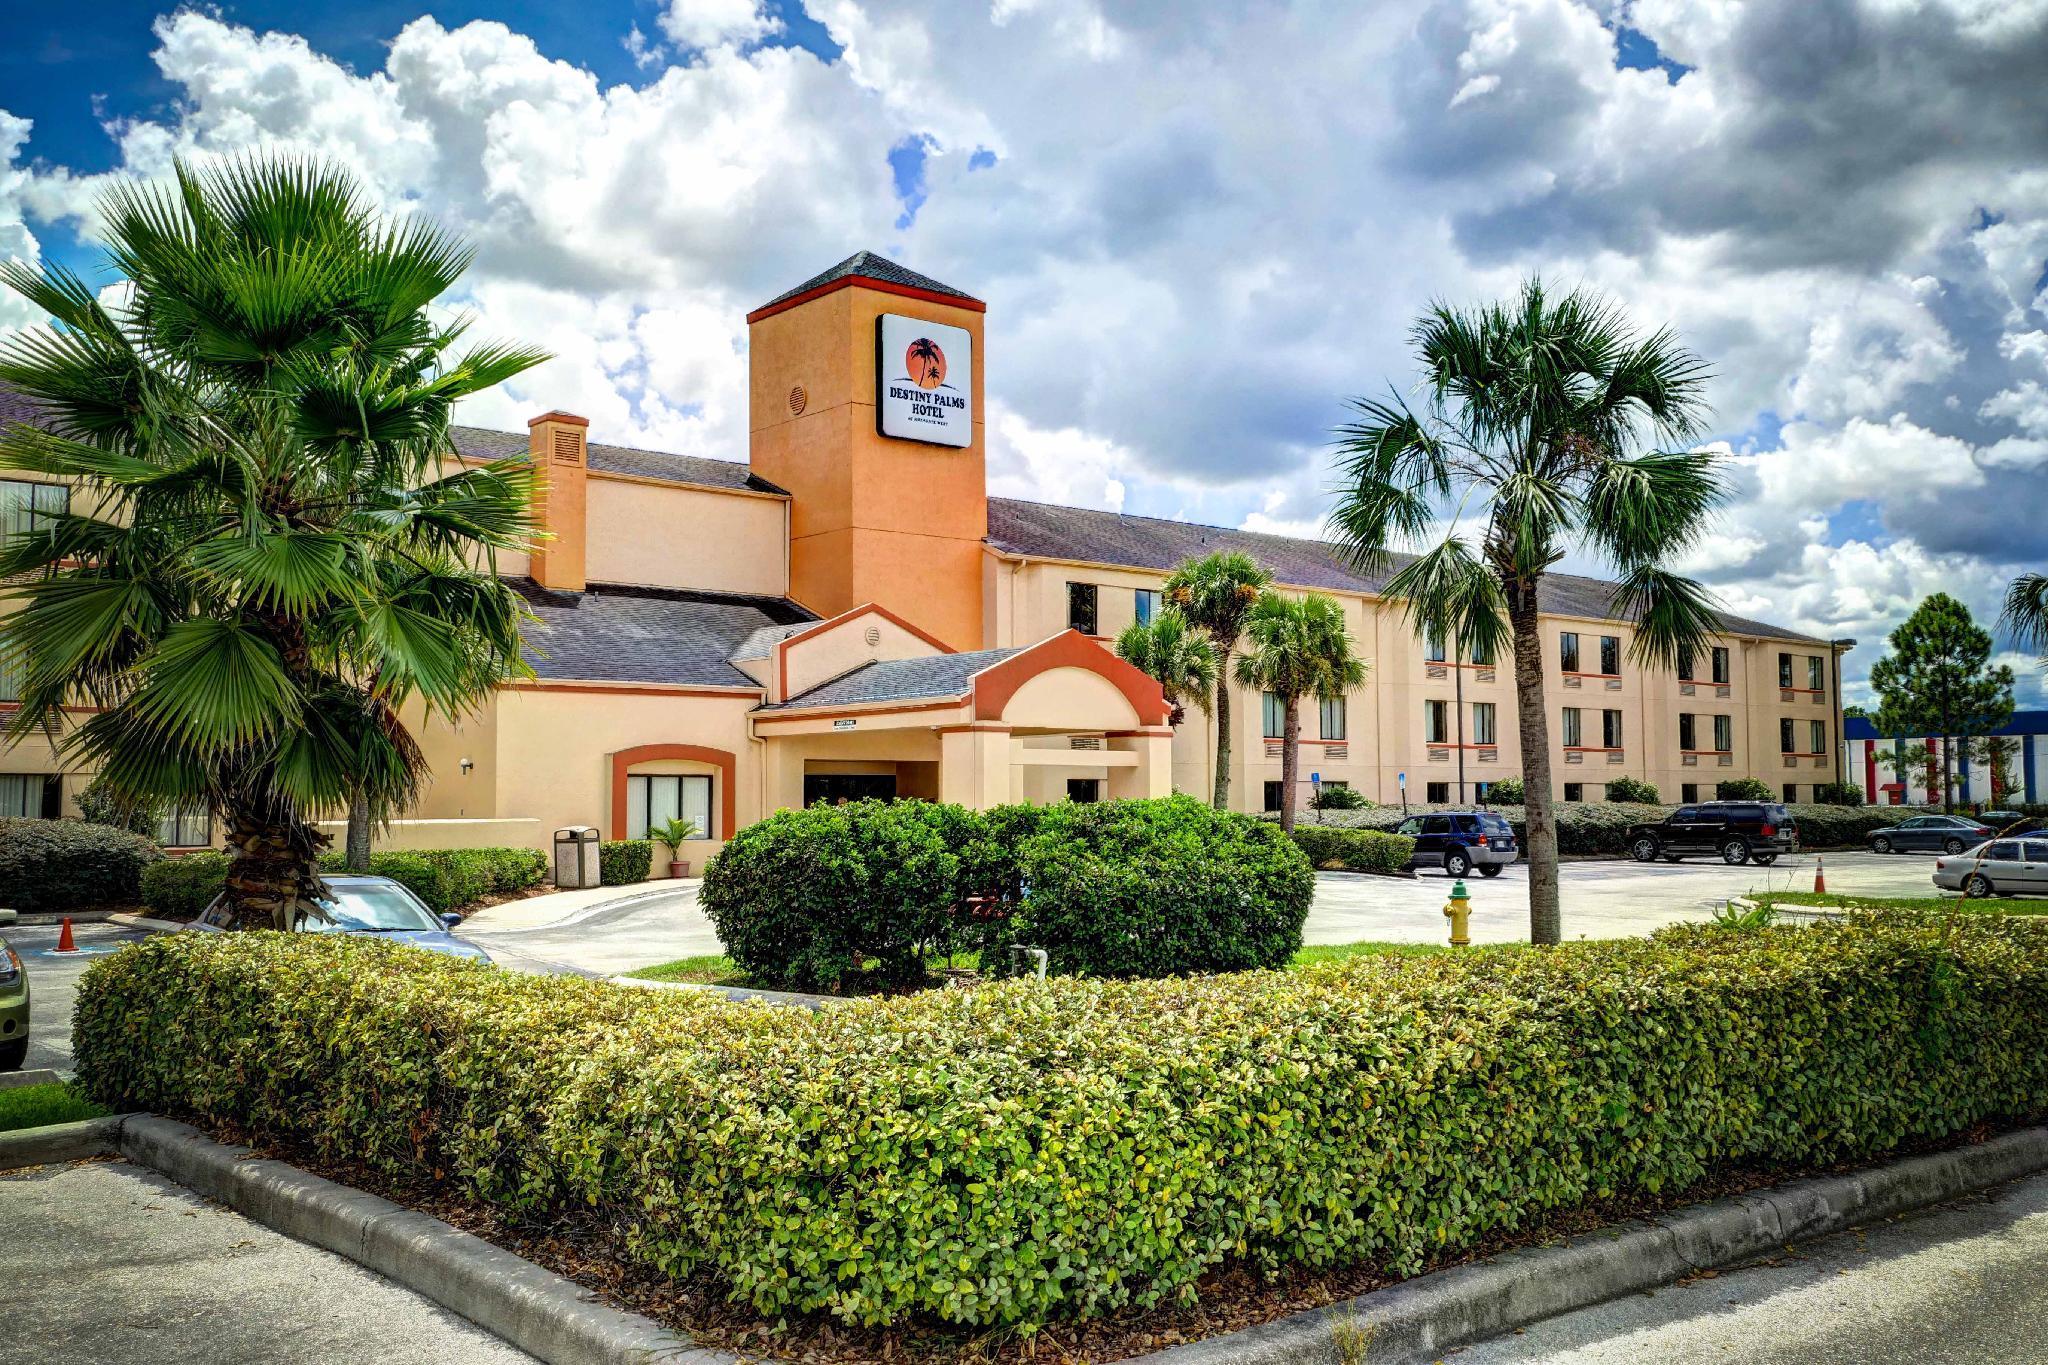 Destiny Palms Hotel